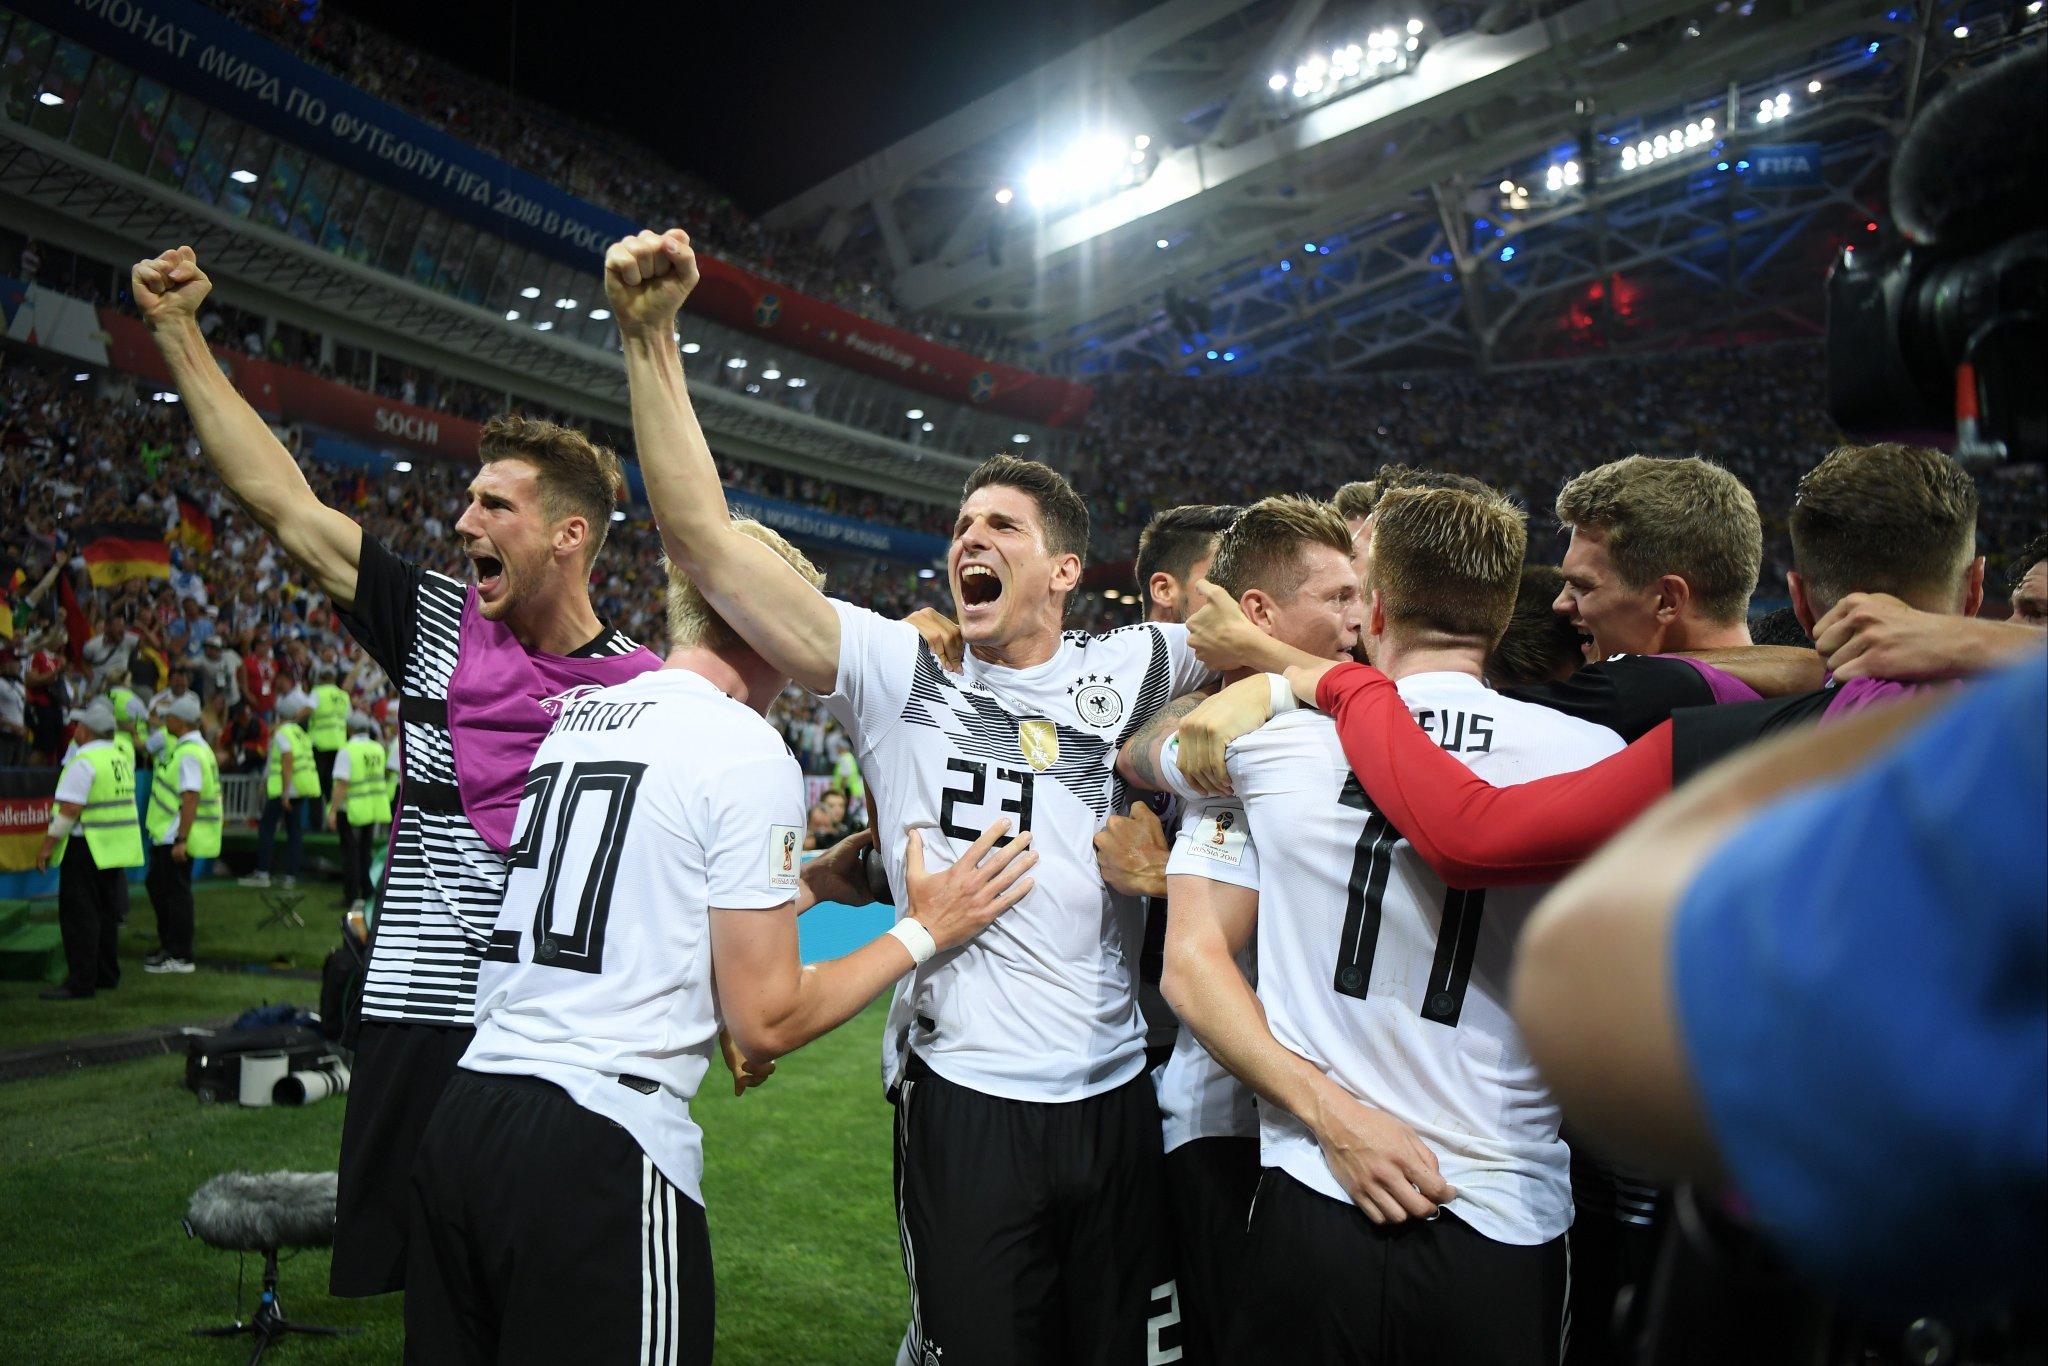 In Svezia insulti razzisti e minacce di morte Durmaz che ha provocato la punizione gol della Germania